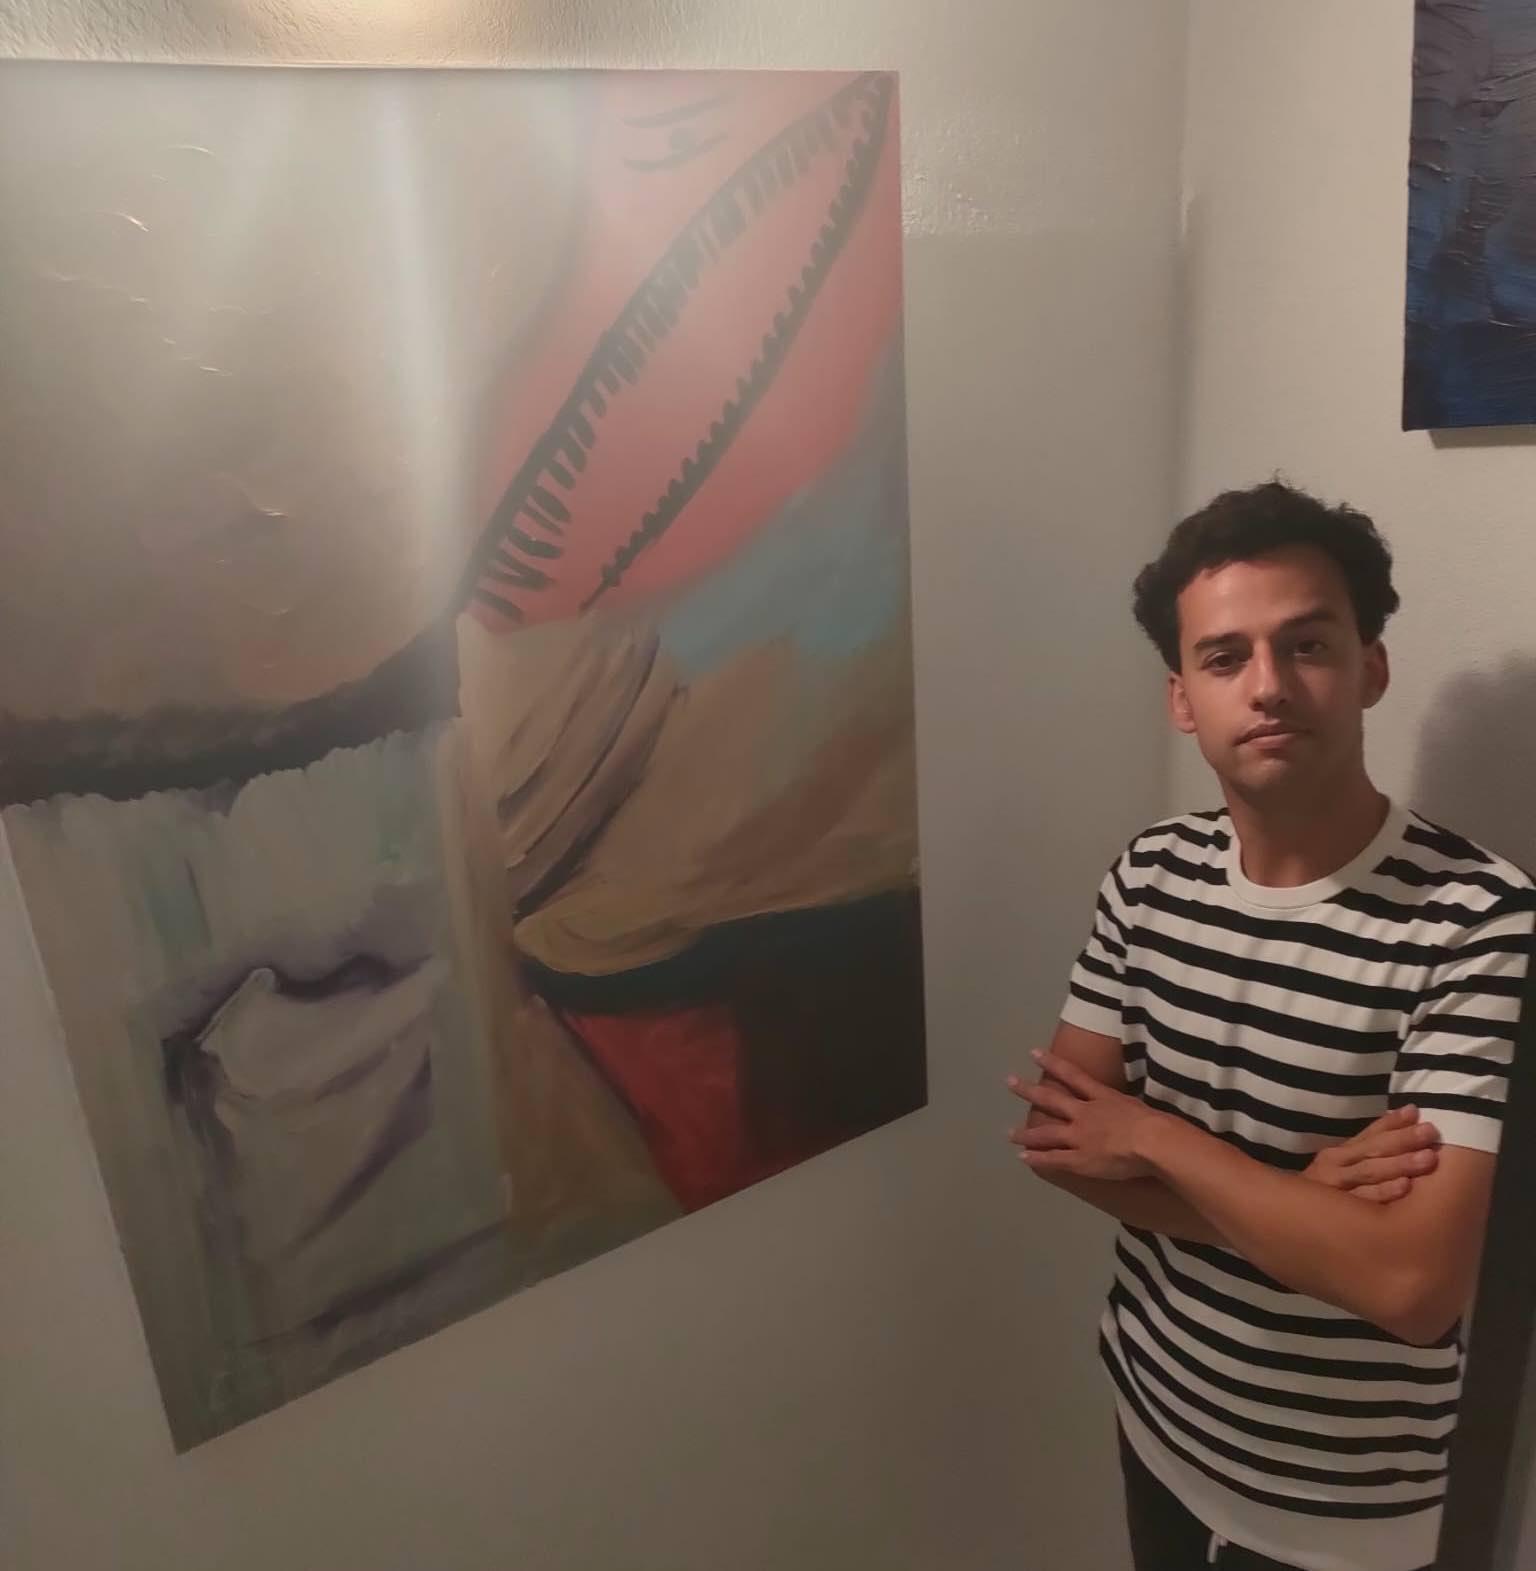 El galardonado pintor español que superó el rechazo de las galerías y la crítica de su familia hasta cumplir su sueño